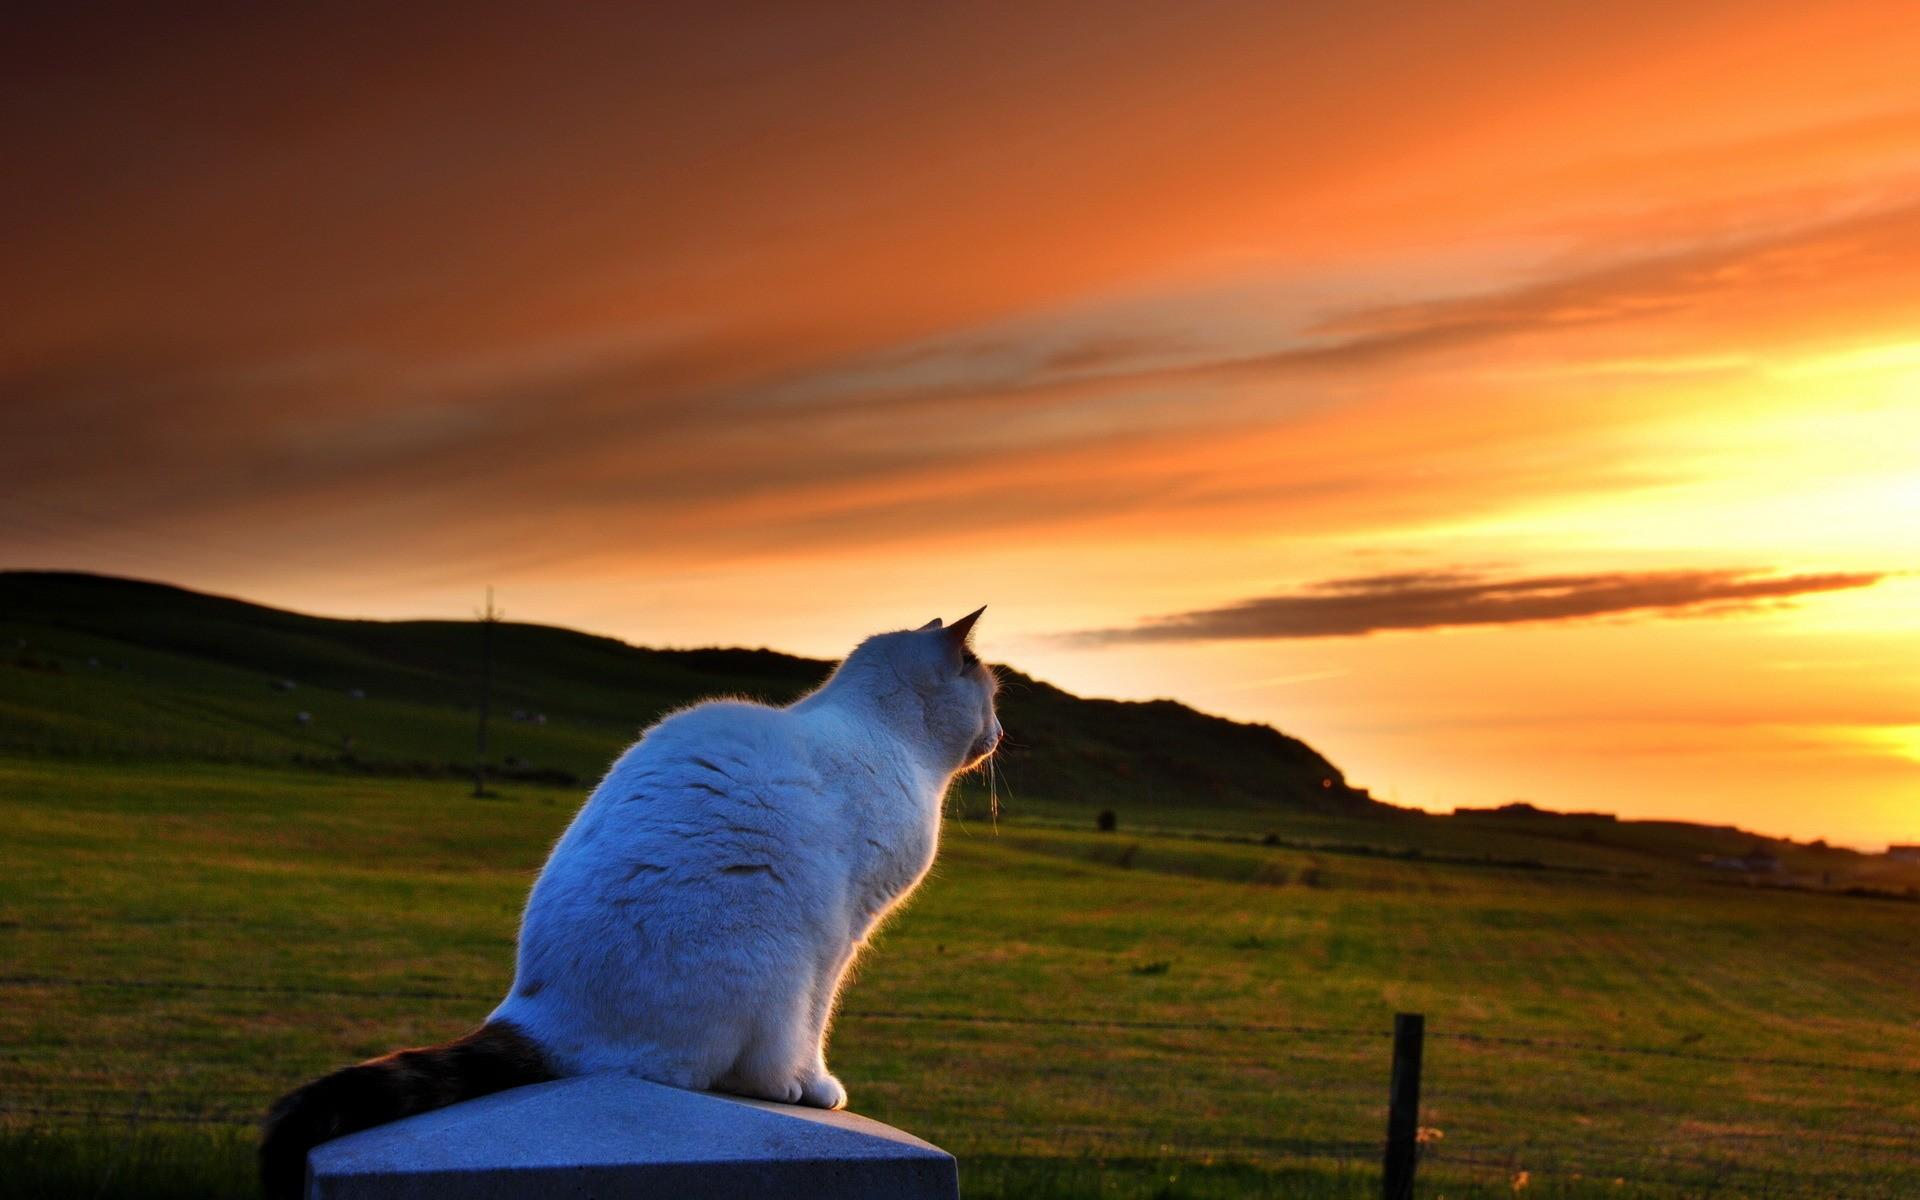 Un gato viendo el atardecer - 1920x1200